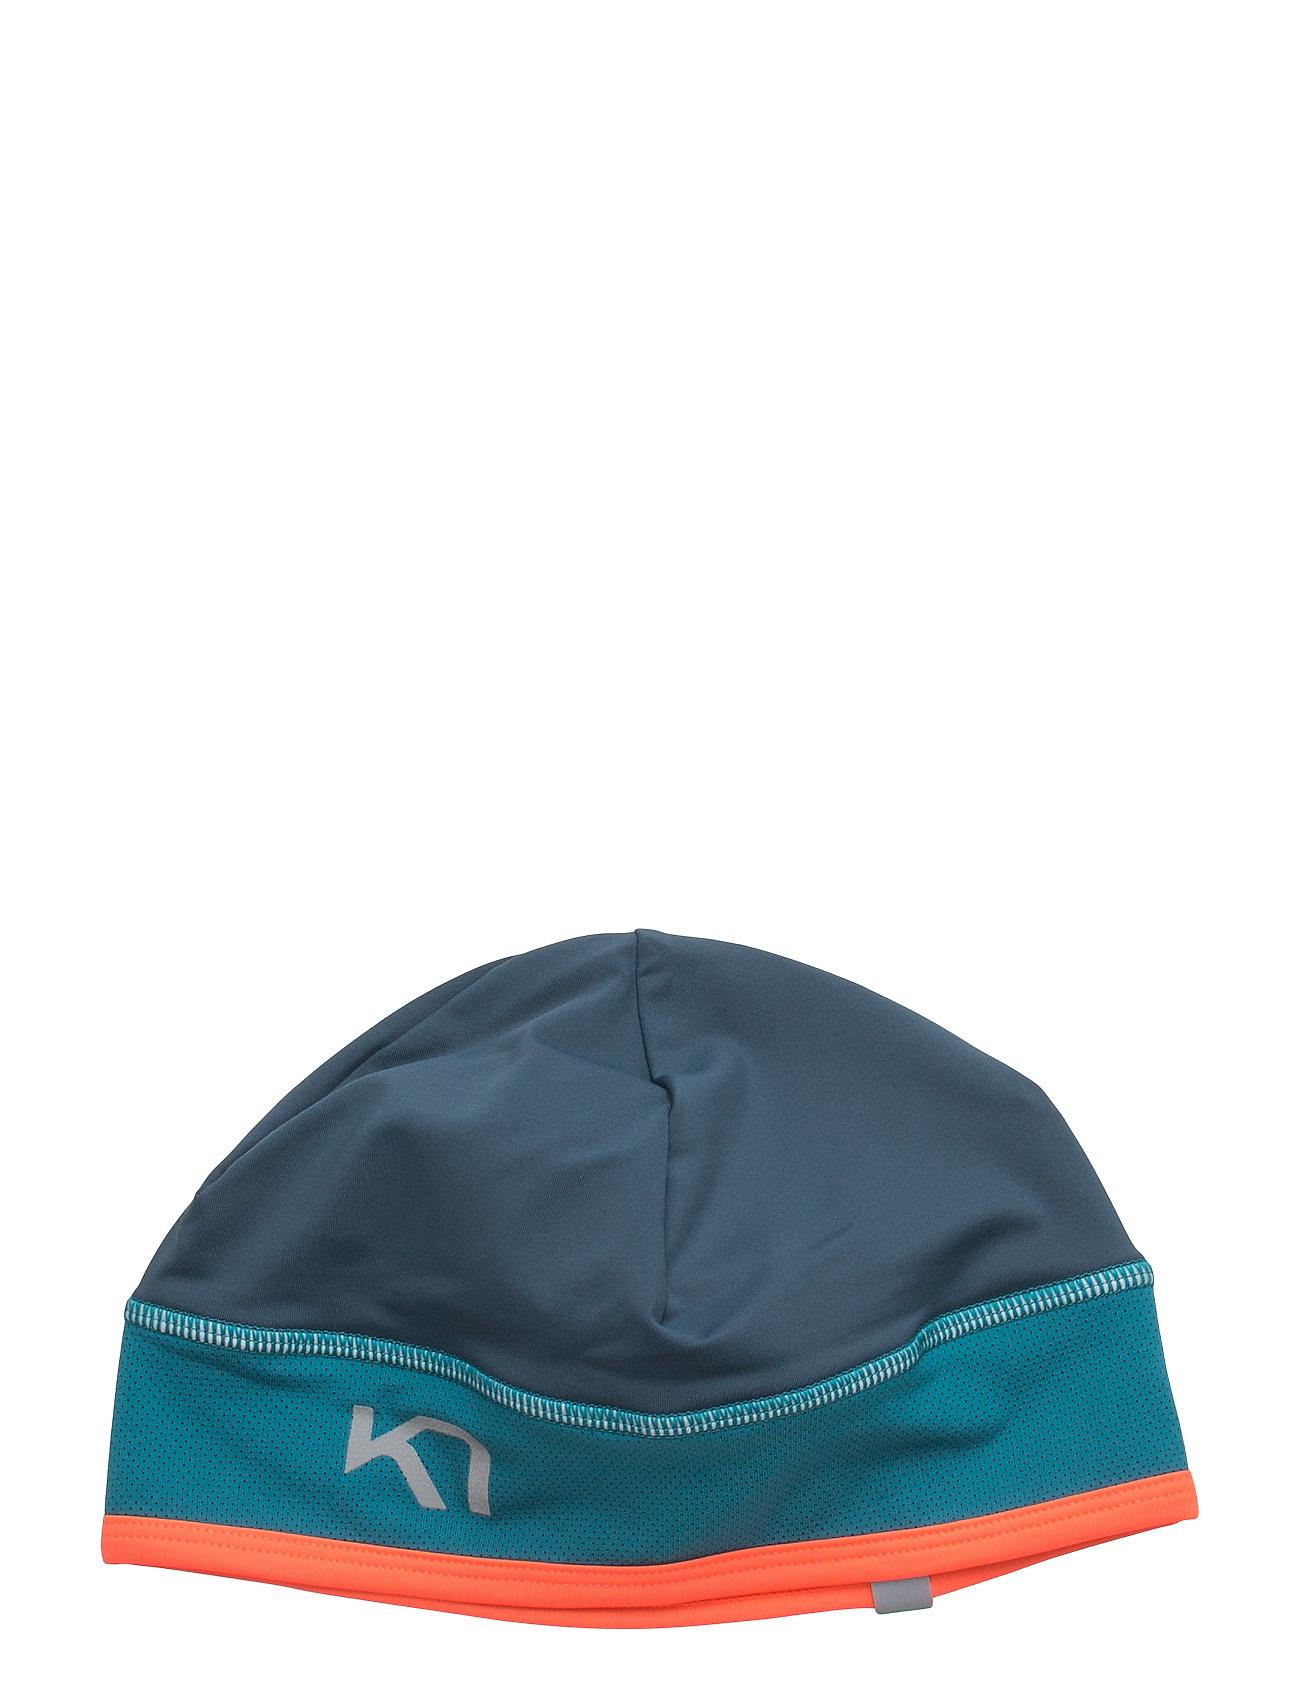 Nina Beanie Kari Traa Sports accessories til Damer i